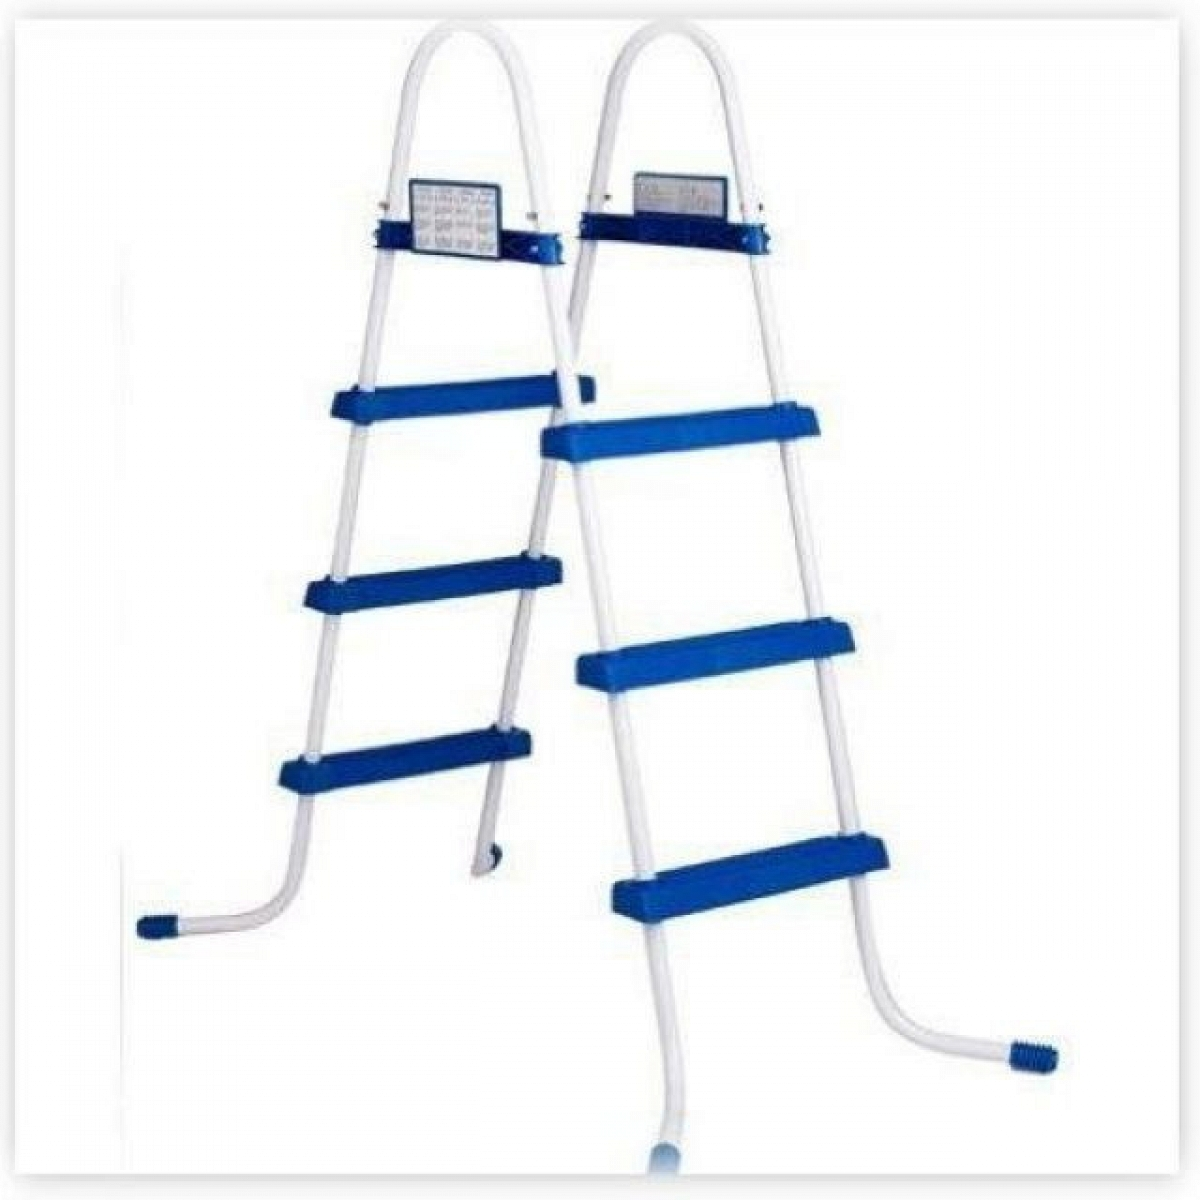 Pool ladder bestway 122 bestway pool accessories for sale for Bestway pools for sale